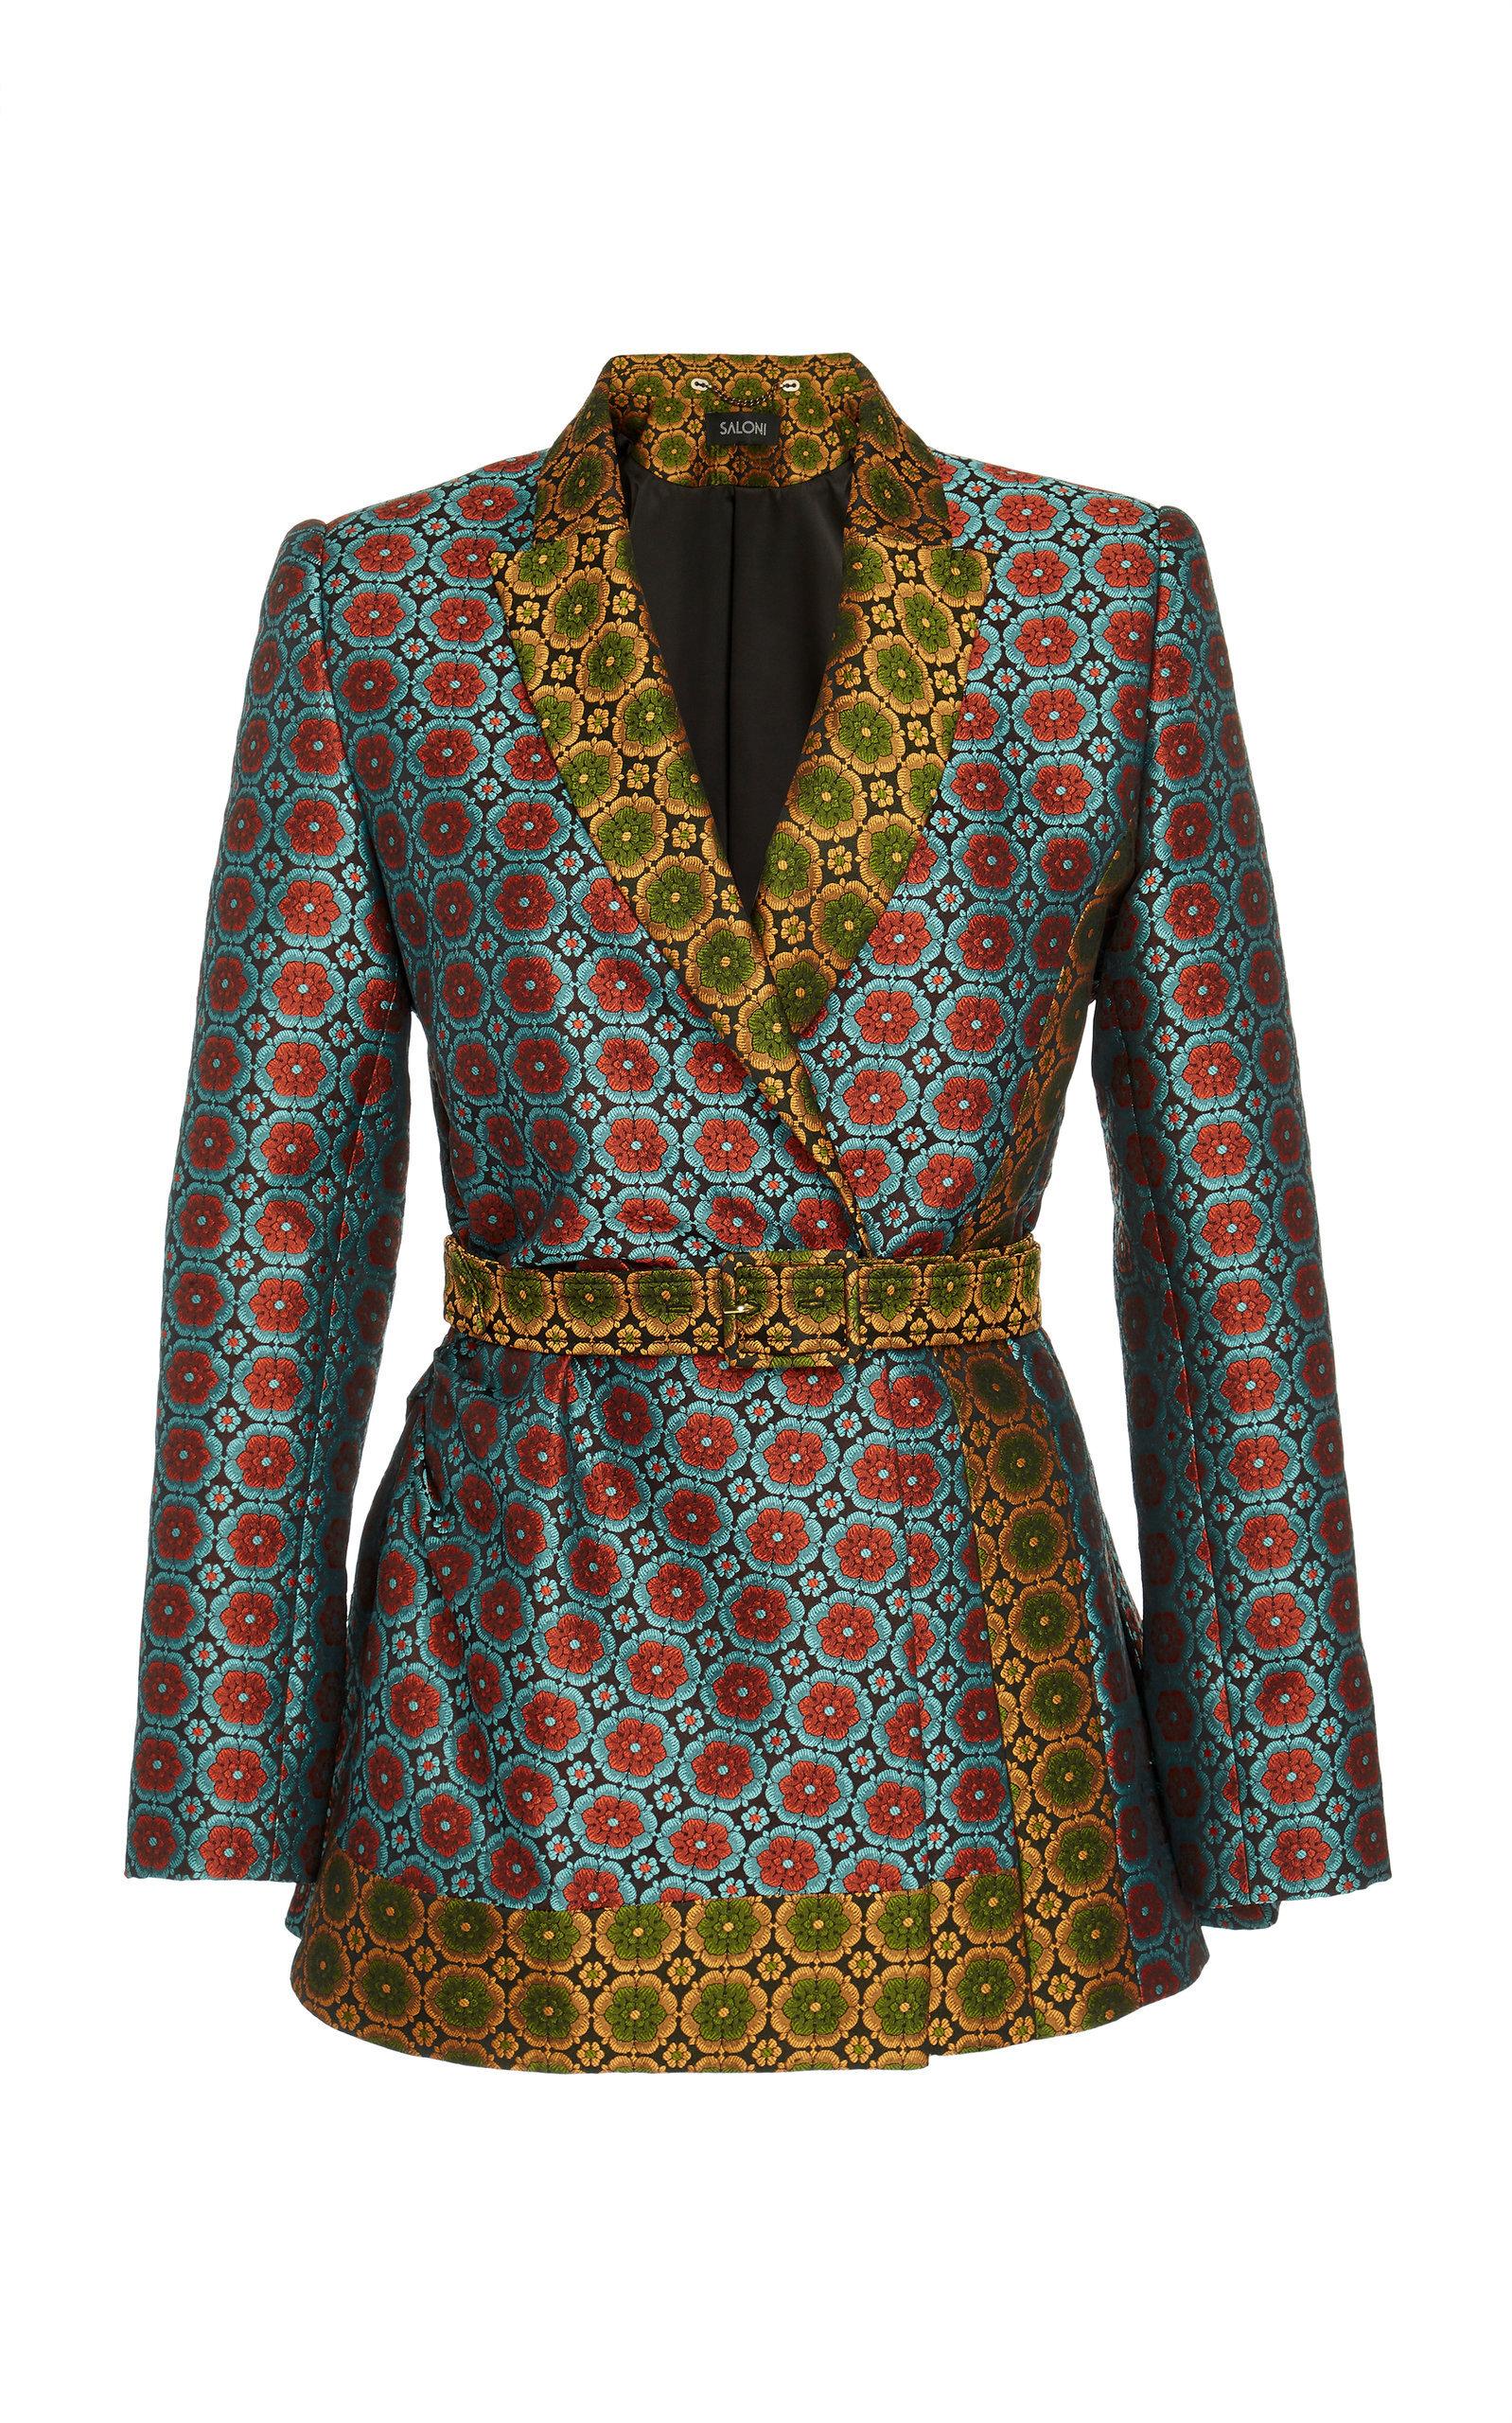 large_saloni-blue-maxima-mixed-jacquard-wrap-effect-tailored-jacket.jpg